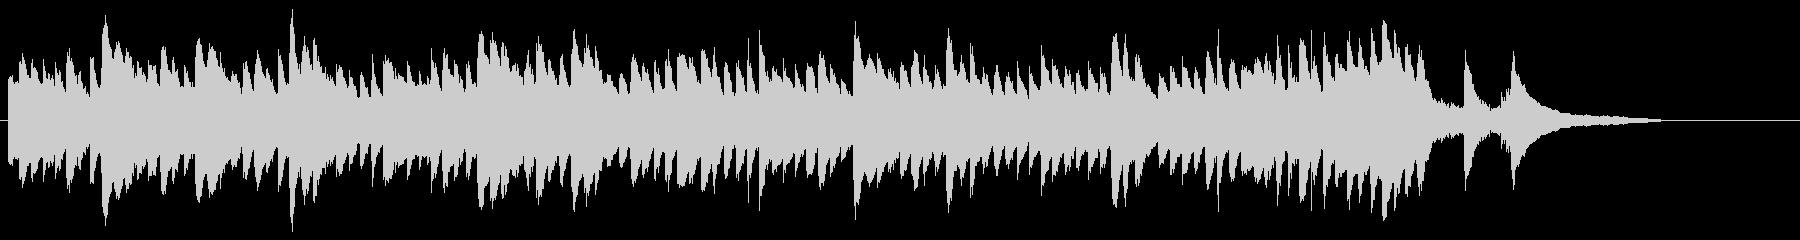 結婚式のBGM_ピアノの未再生の波形